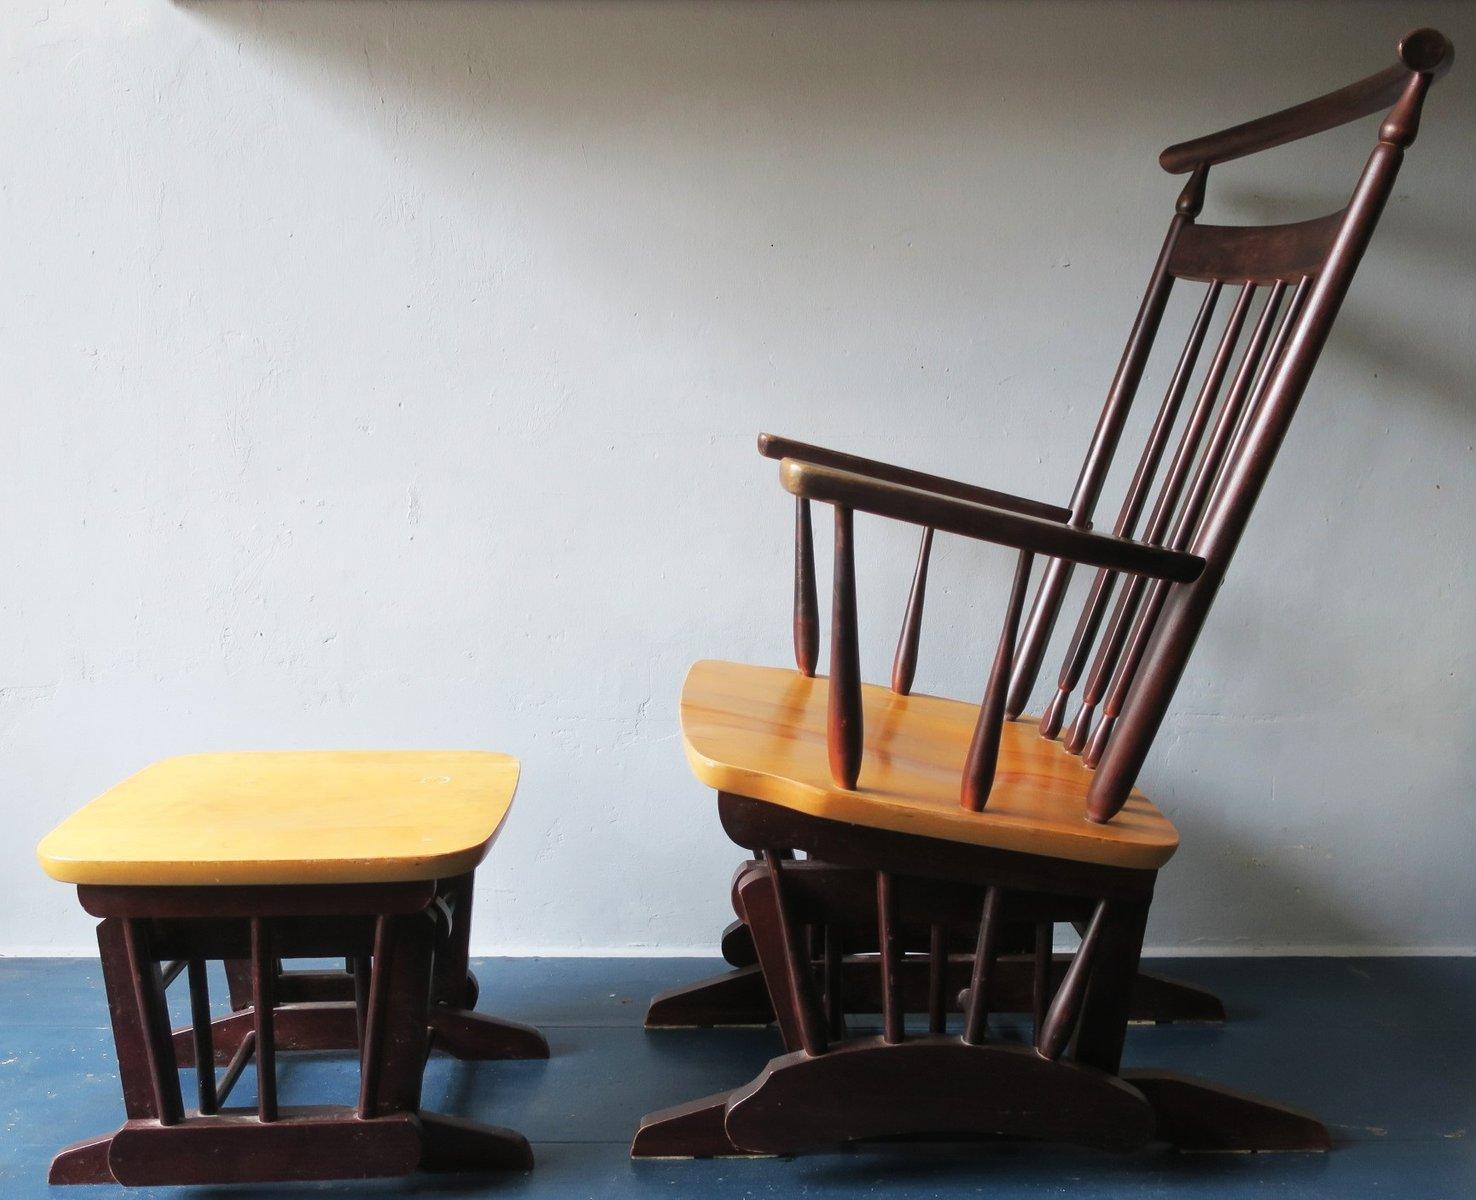 Vintage Sessel und Fußhocker, 1960er